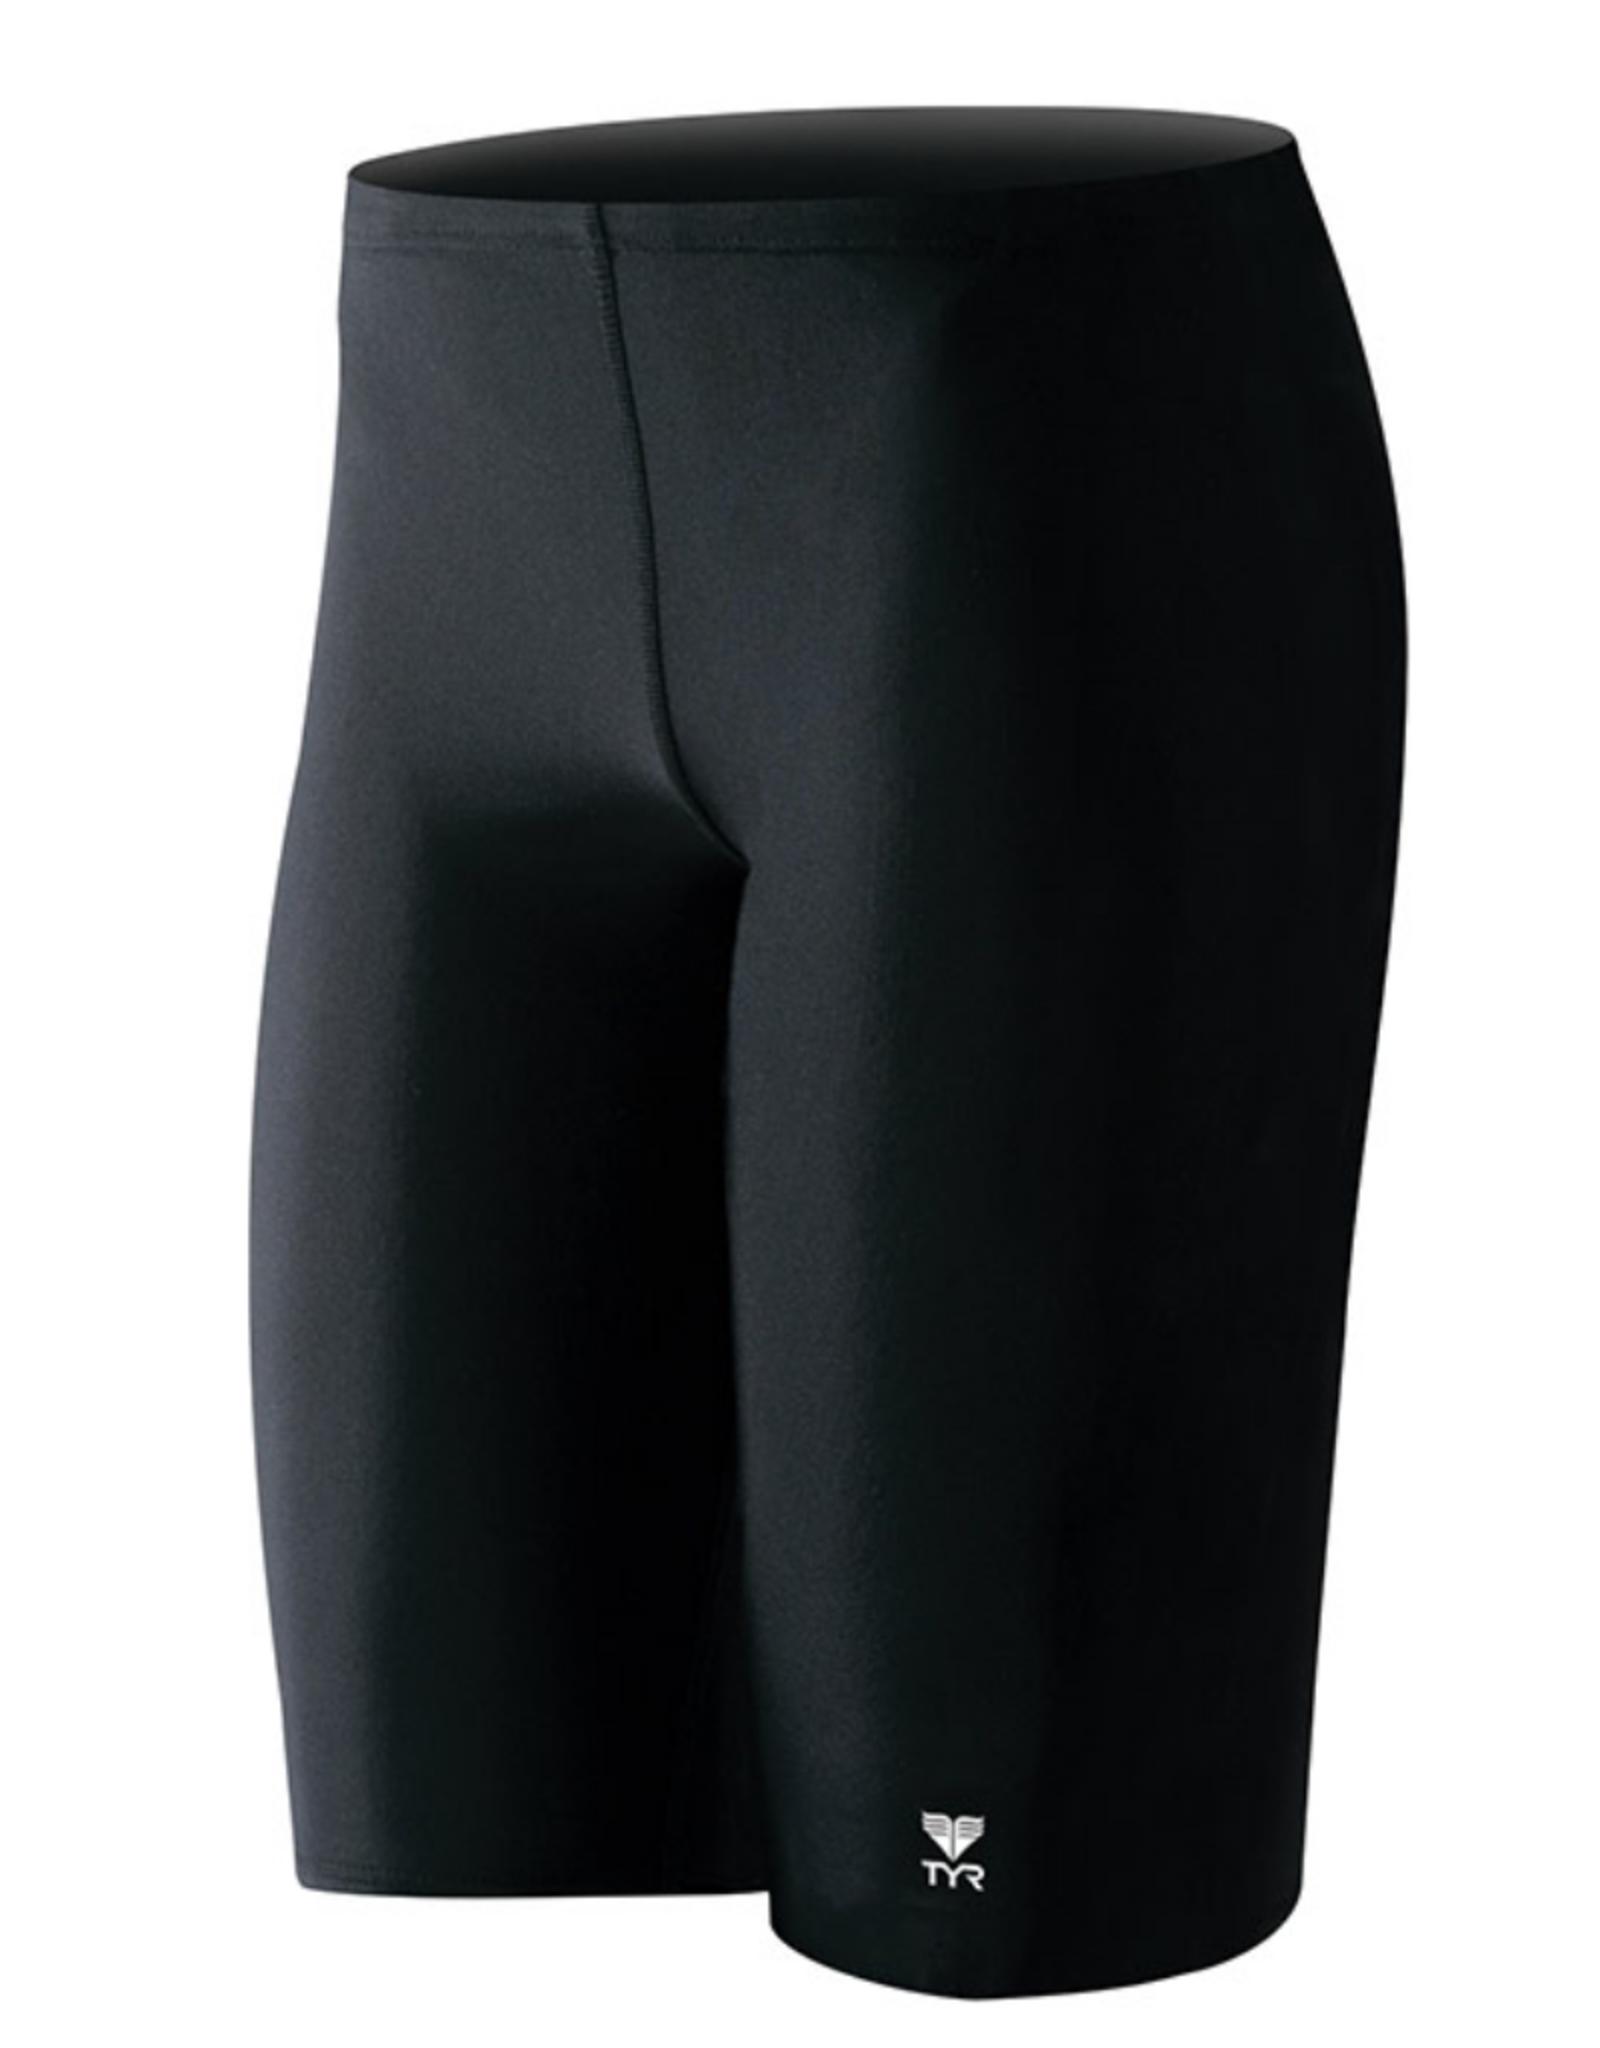 TYR Men's Jammer Swimwear Black